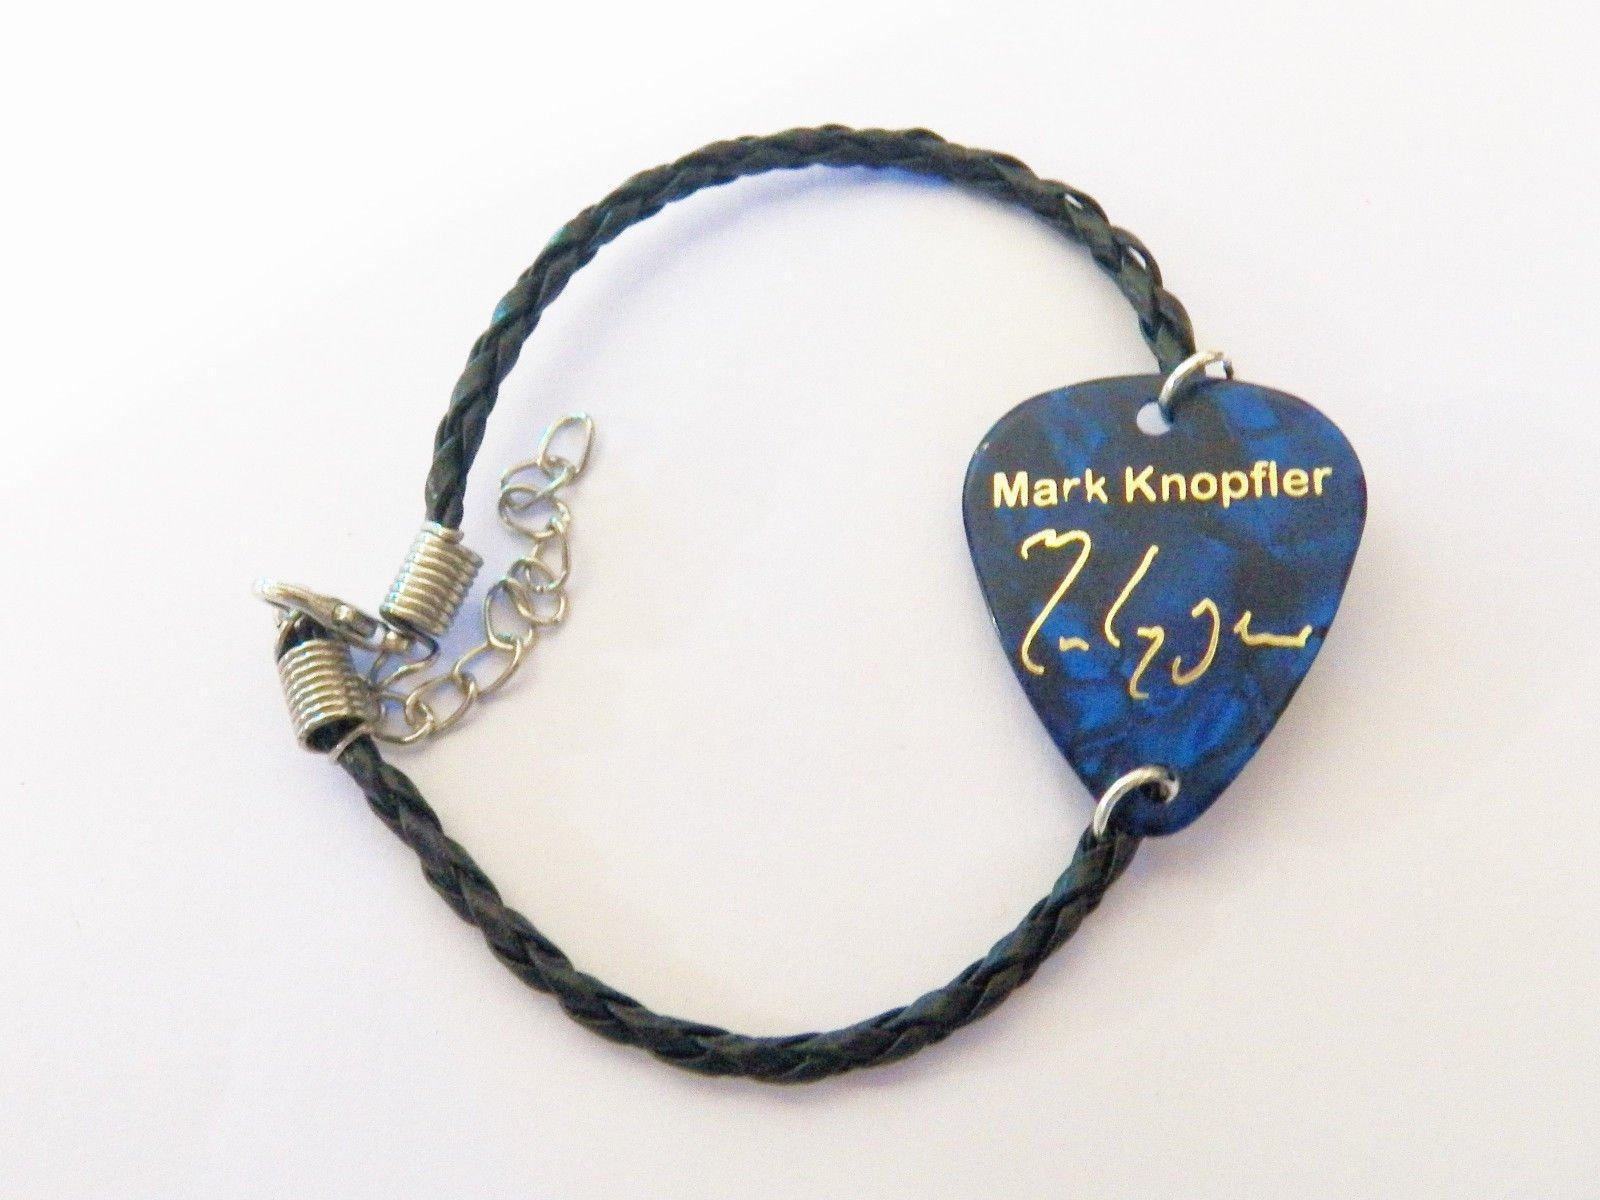 MARK KNOPFLER DIRE STRAITS púa de guitarra plectro cuero retorcido ...